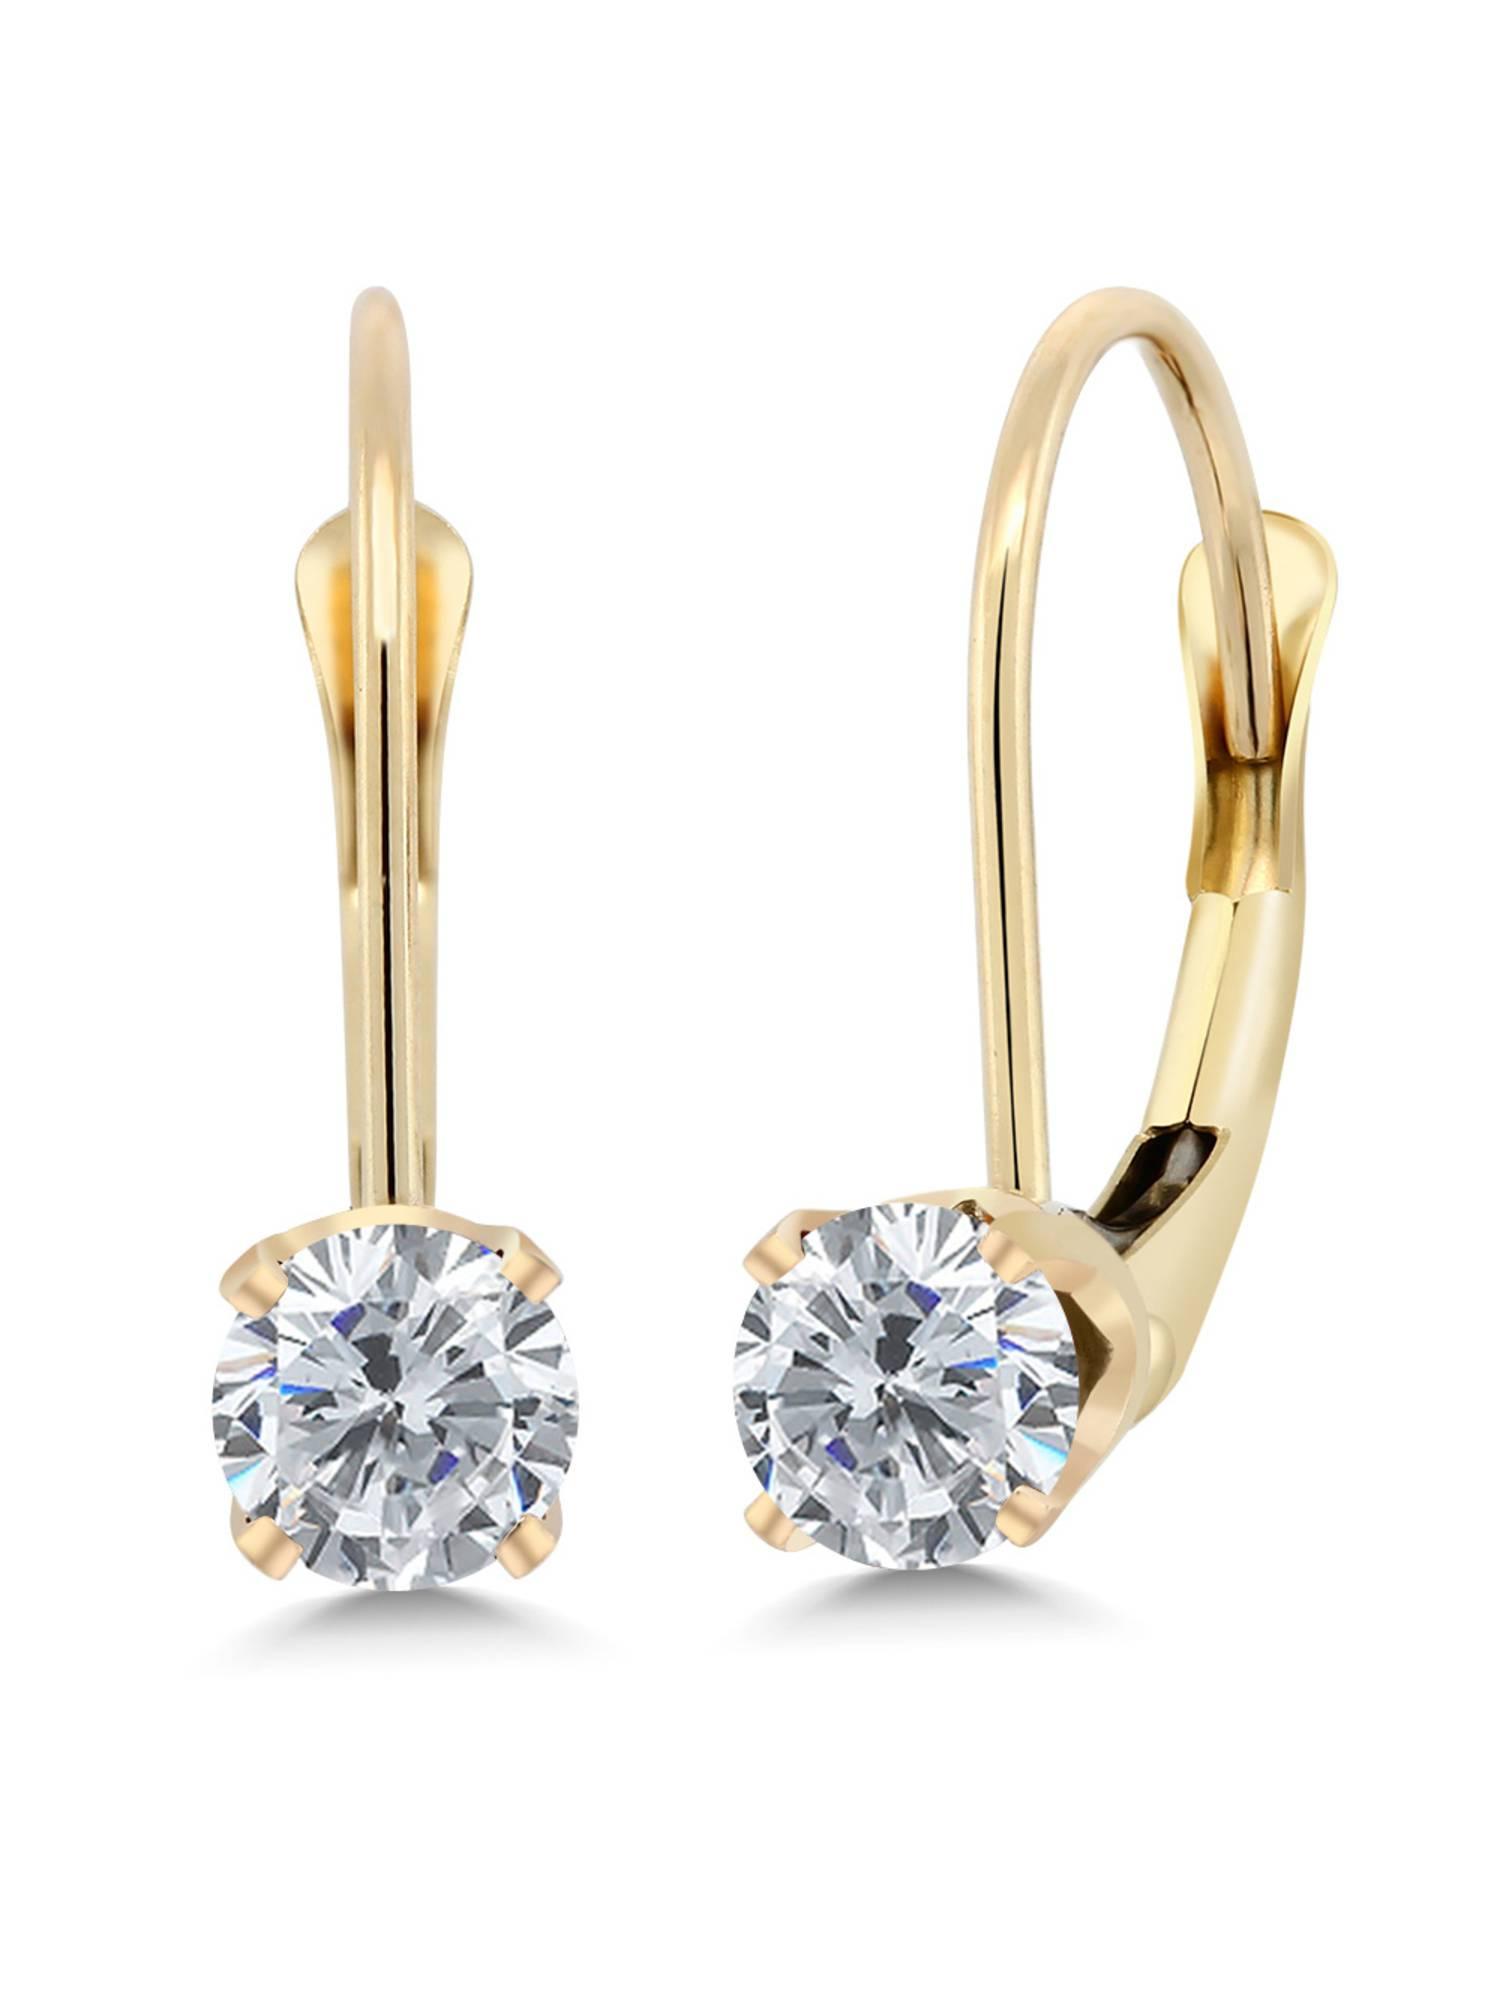 Mia Diamonds 14k Yellow Gold 6mm Garnet Leverback Earrings